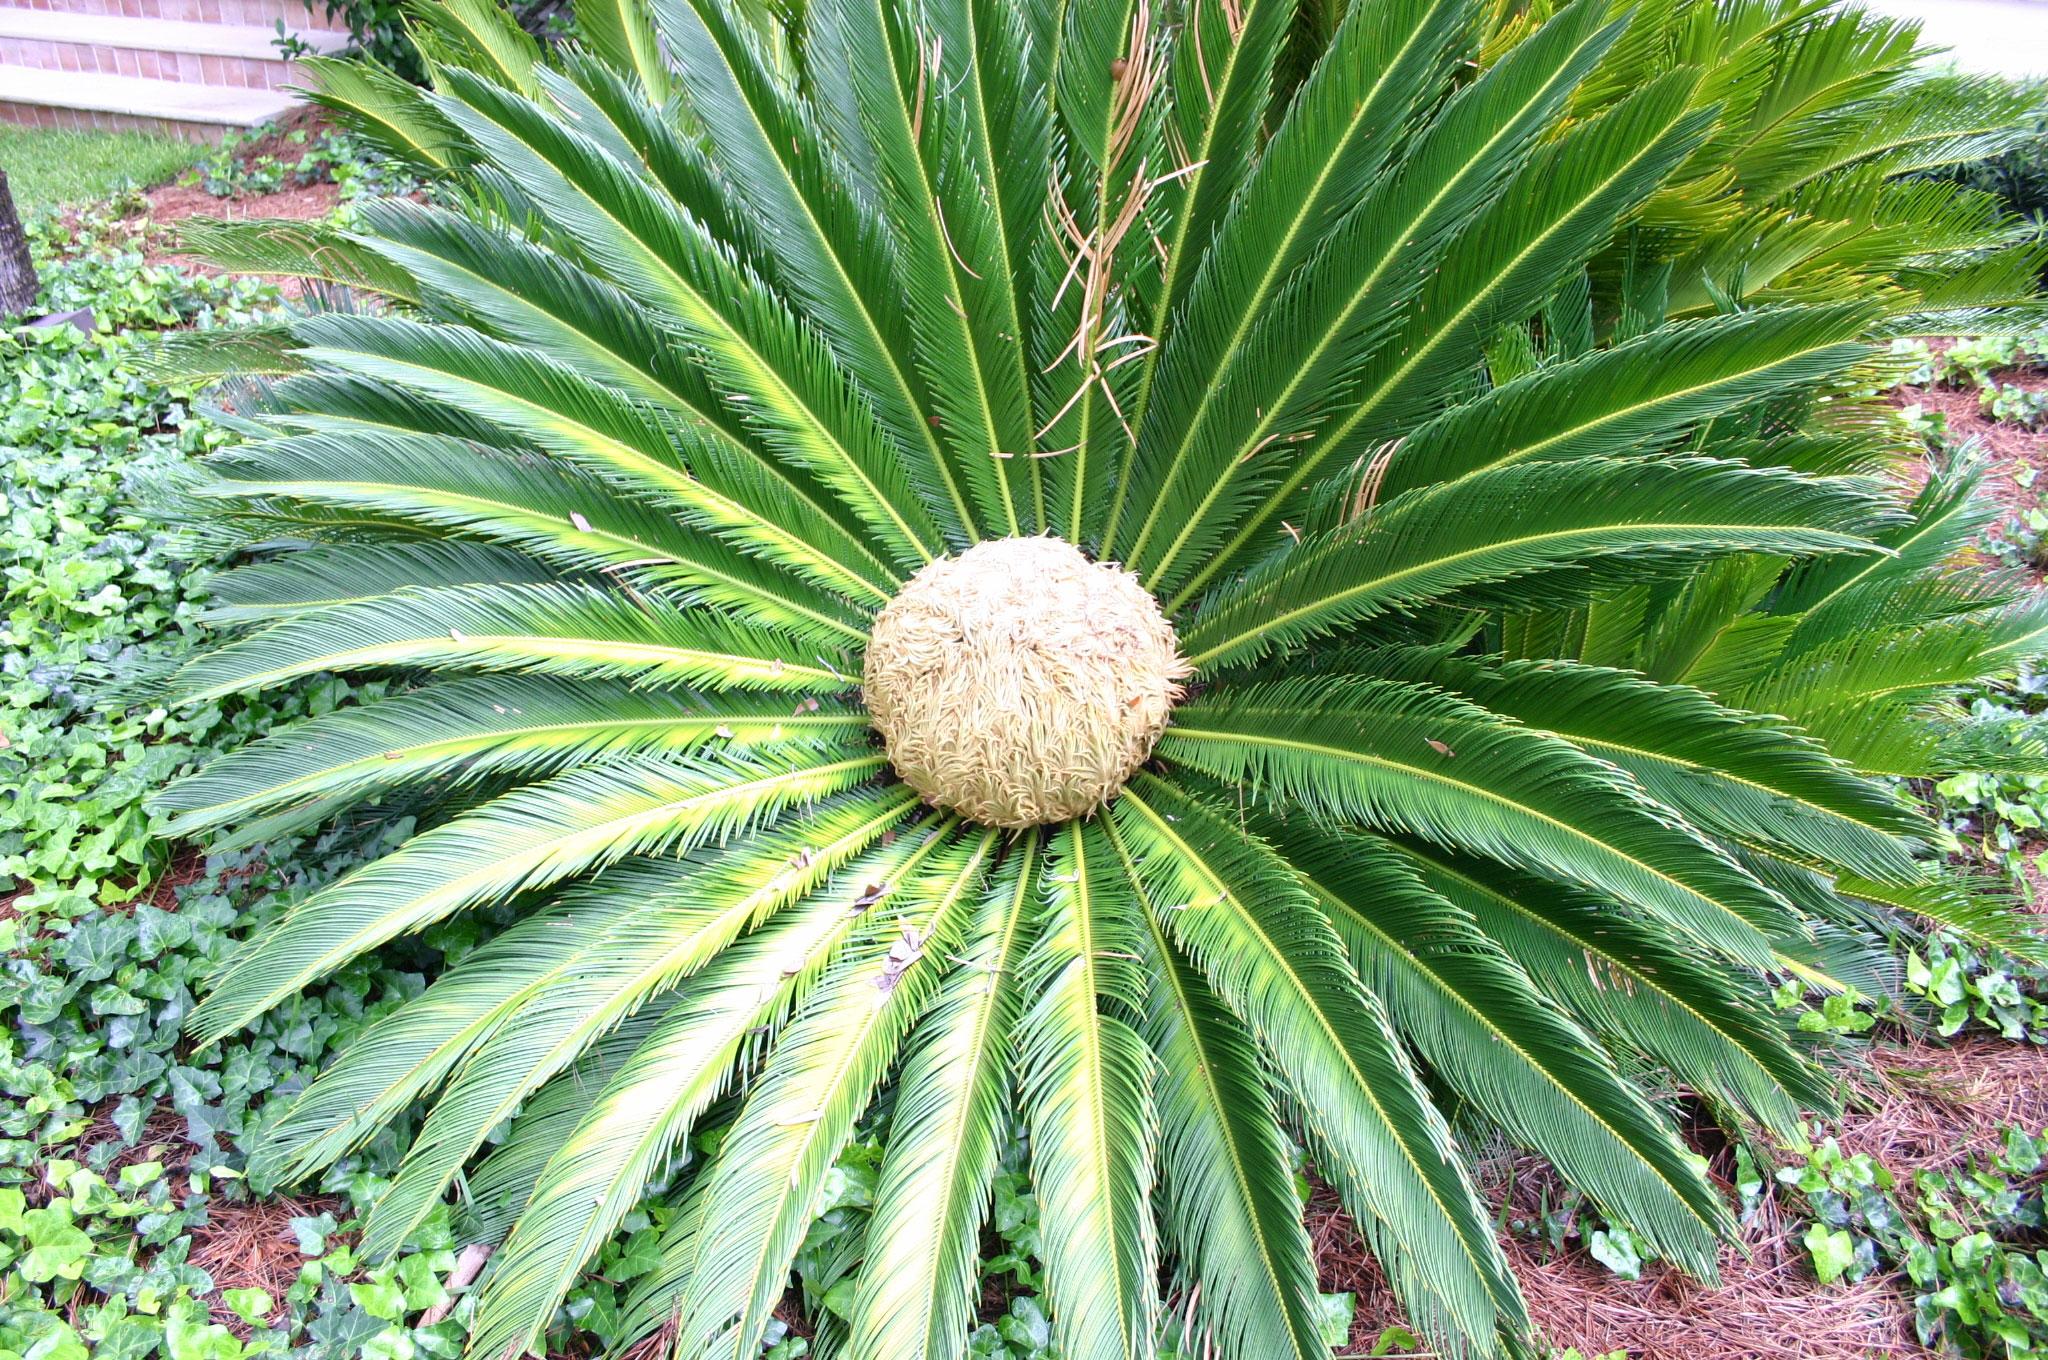 sago palm female